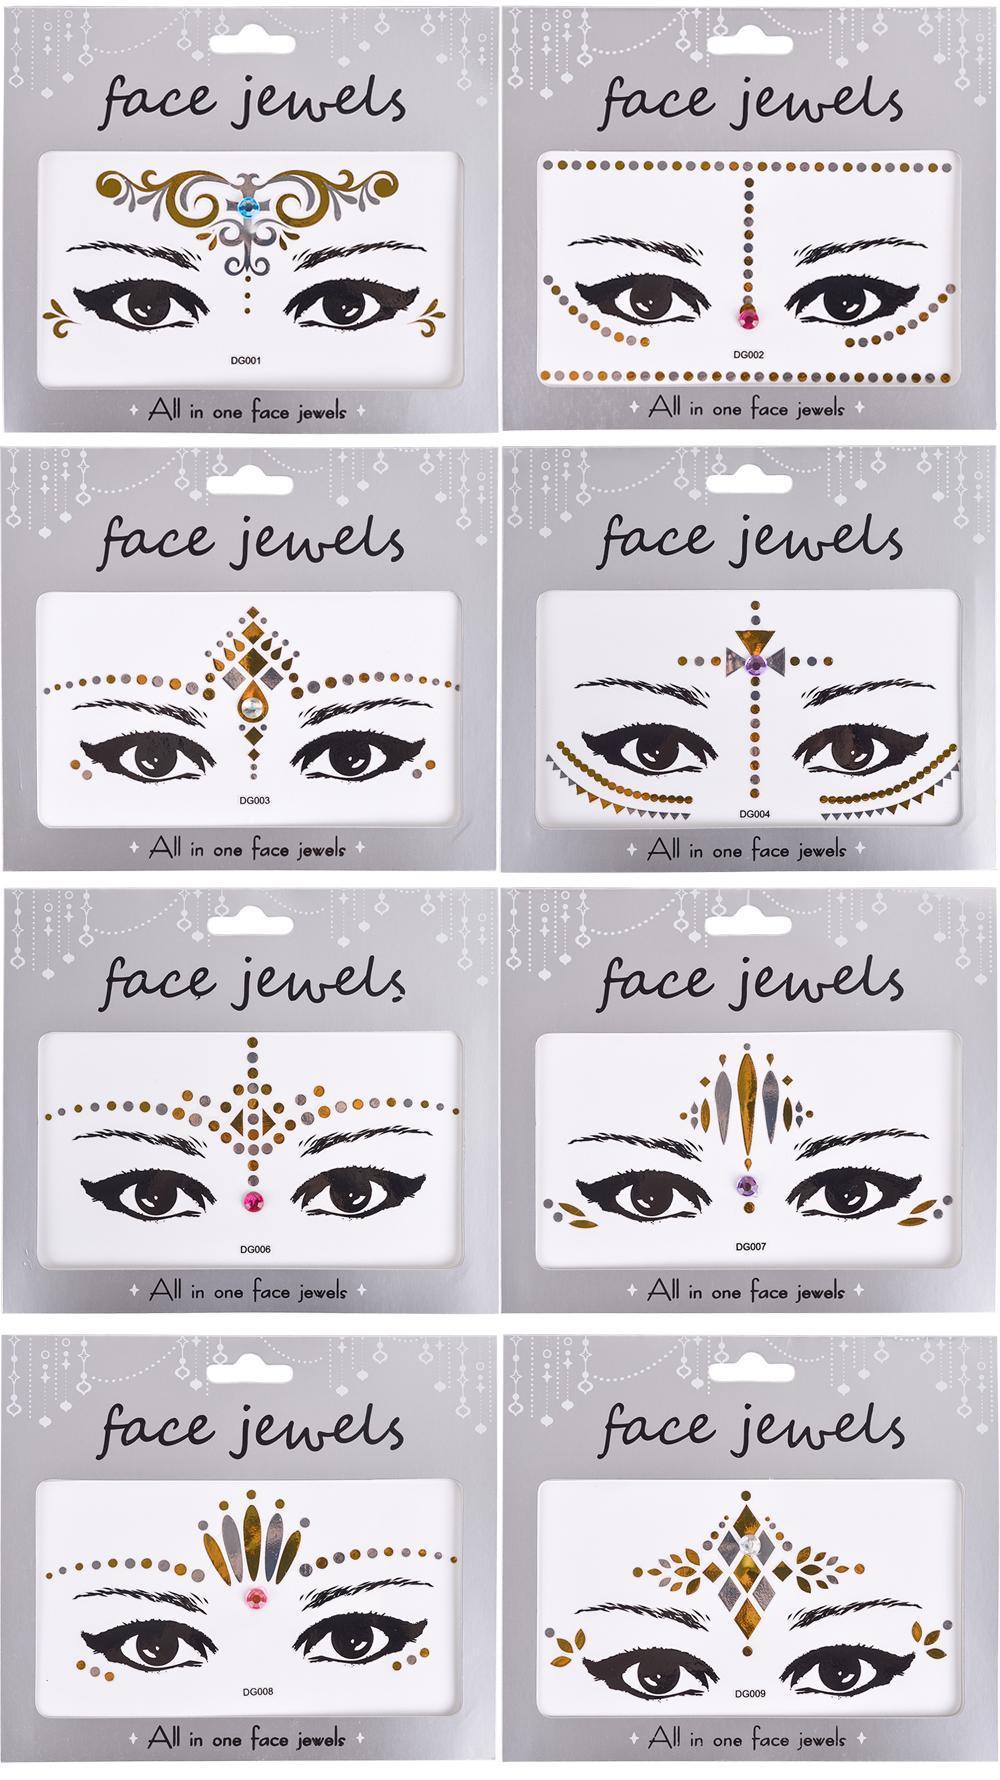 De Mode Visage Autocollant De Tatouage Bling Bling Bijoux Visage Yeux Beauté Maquillage Autocollant Body Art Peinture Tatouage Temporaire DG001-033